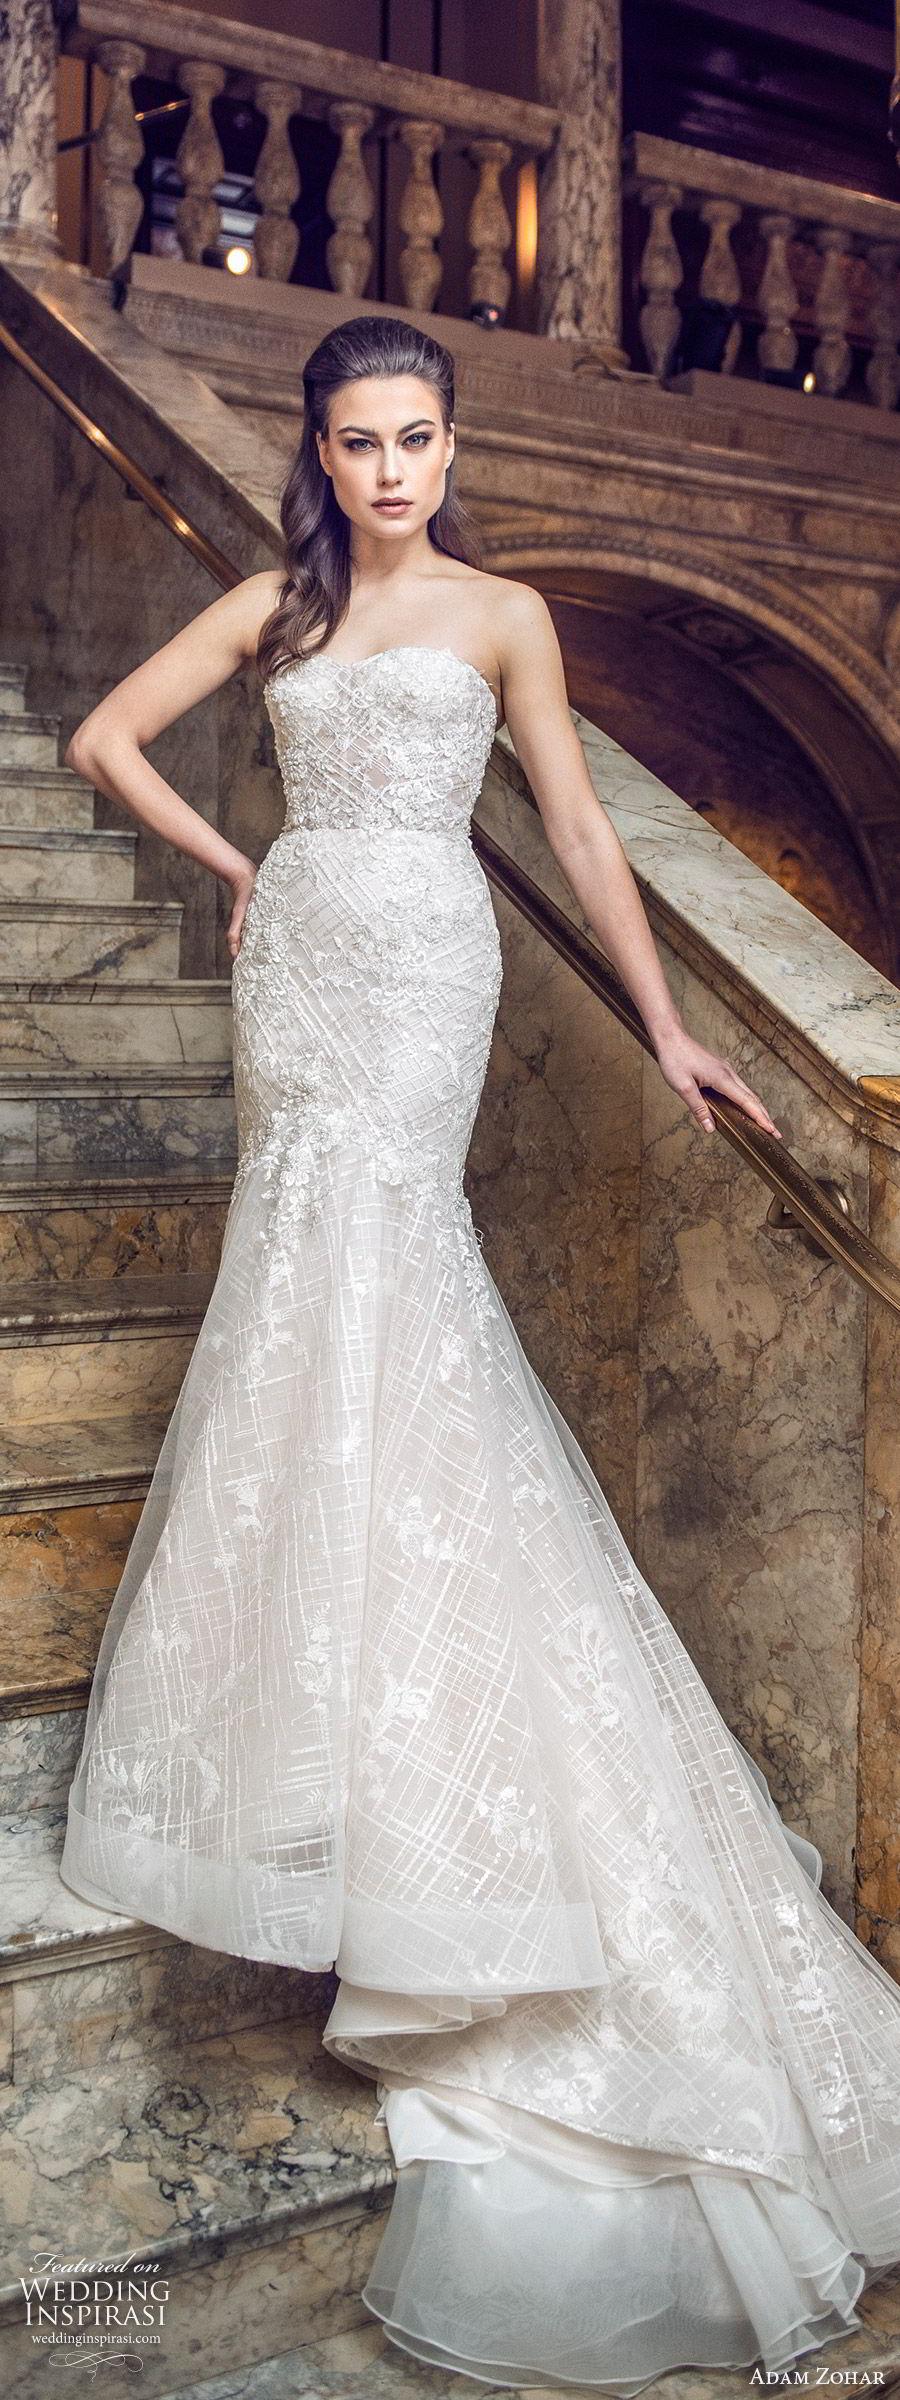 adam zohar 2020 bridal strapless semi sweetheart fully embellished sheath mermaid wedding dress (8) glitzy glam elegant chapel train mv